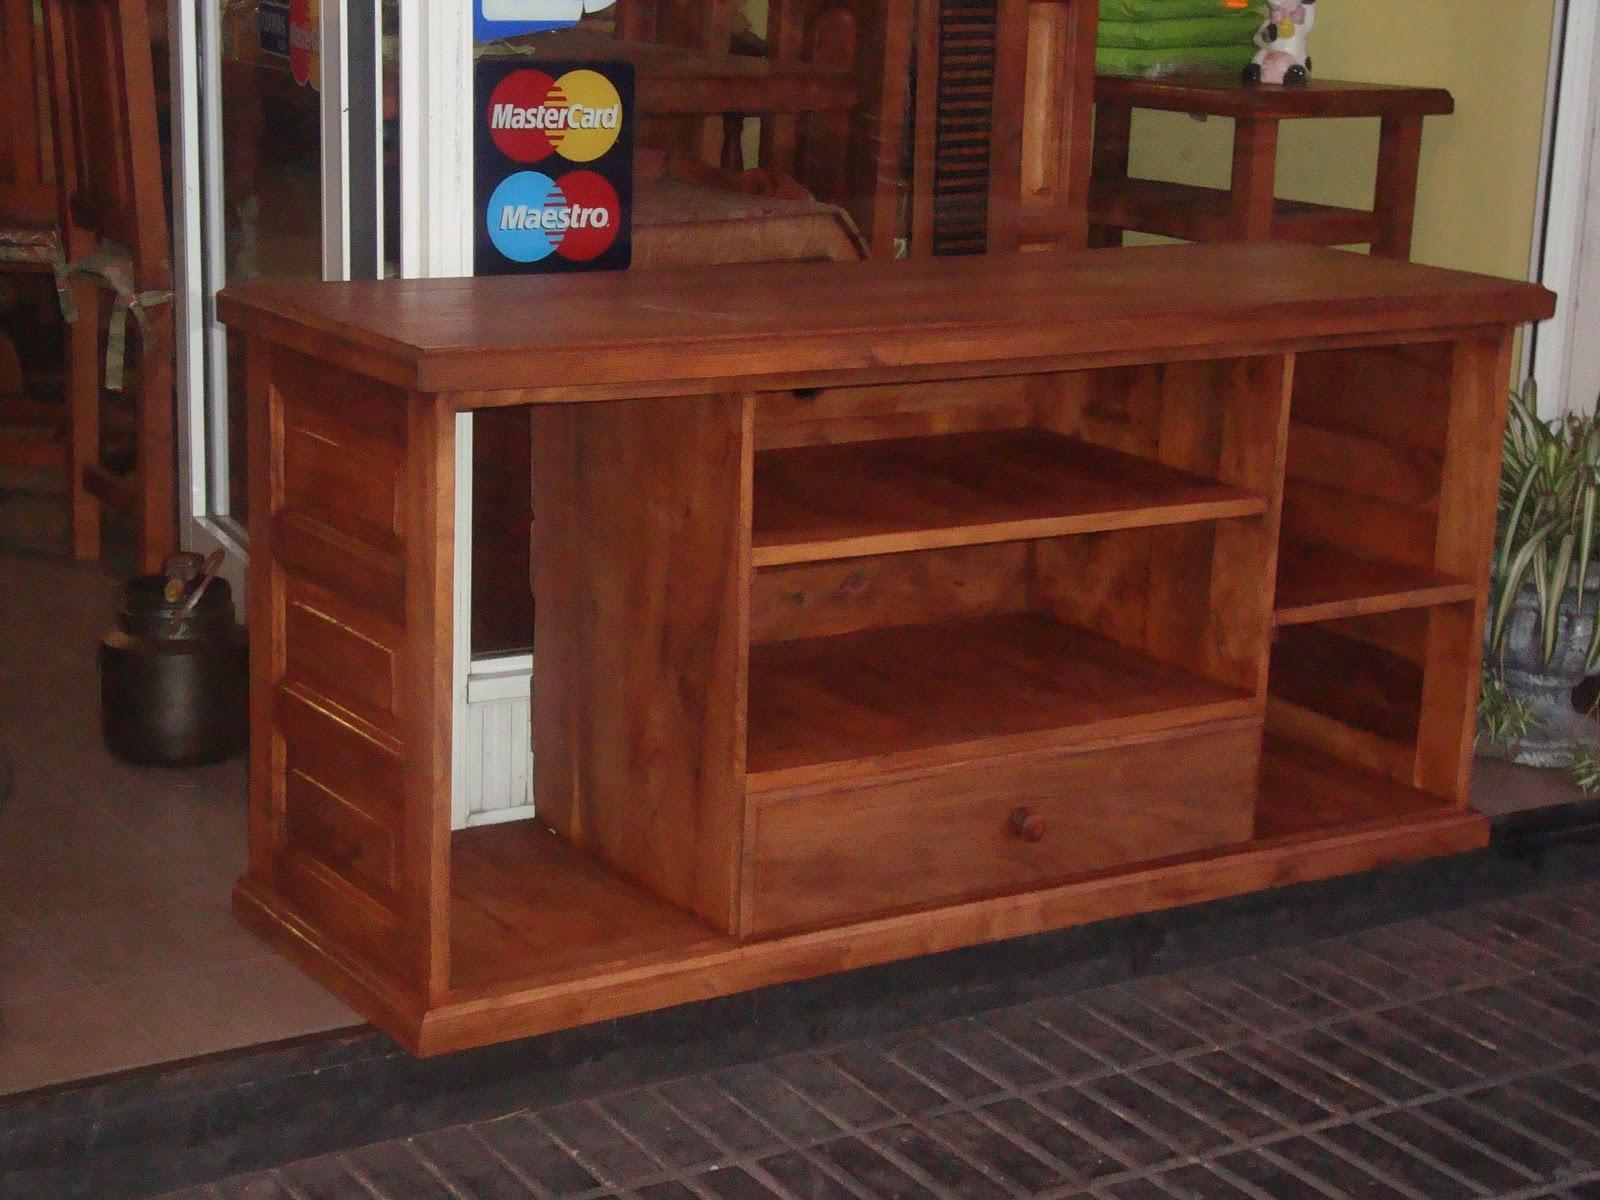 Algarrobo la curva octubre 2010 Mueble de algarrobo modular